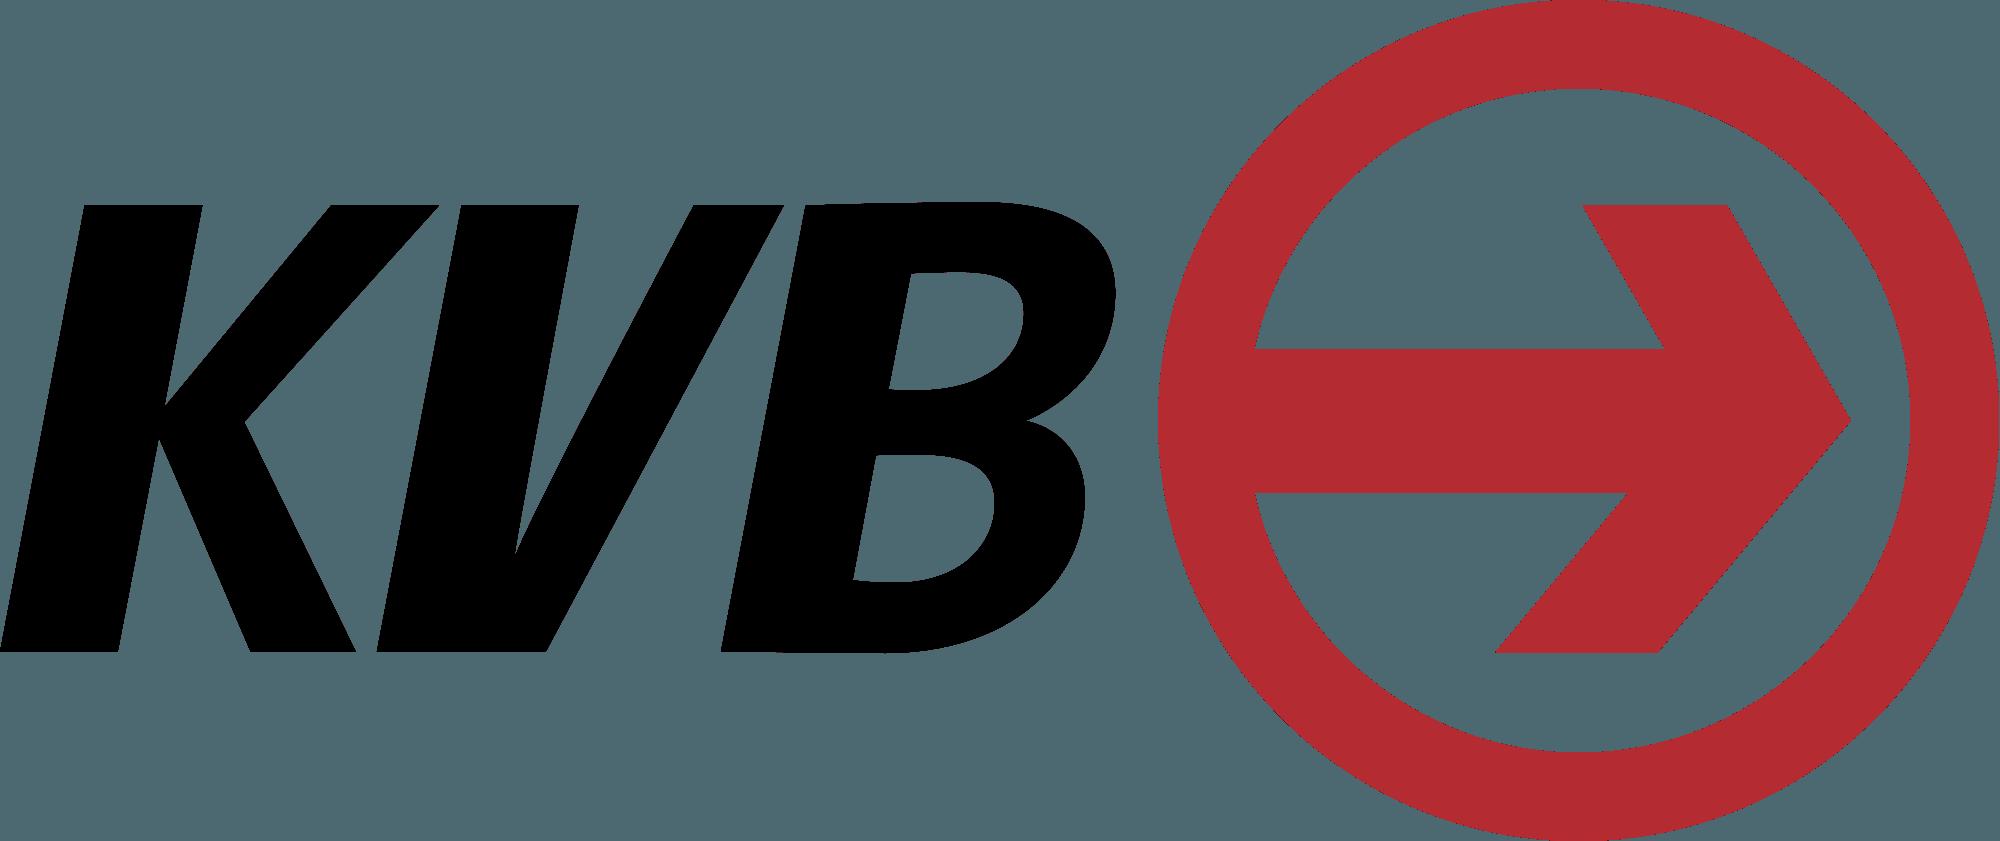 Koelner Verbetreib's logo